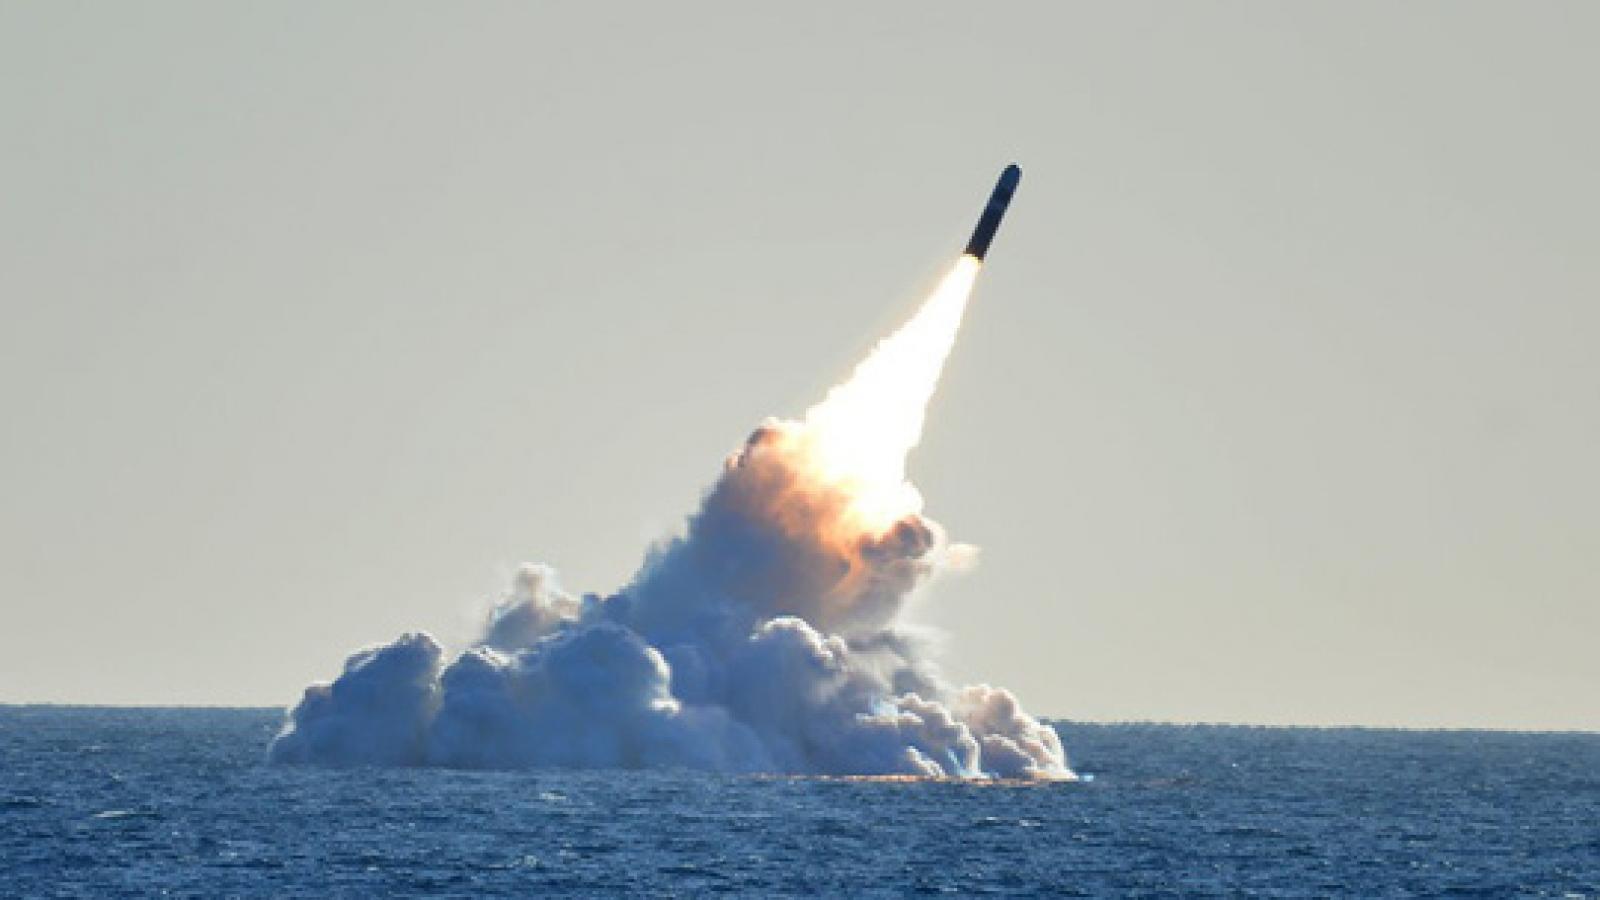 Khác biệt về chính sách vũ khí hạt nhân giữa Trump và Biden